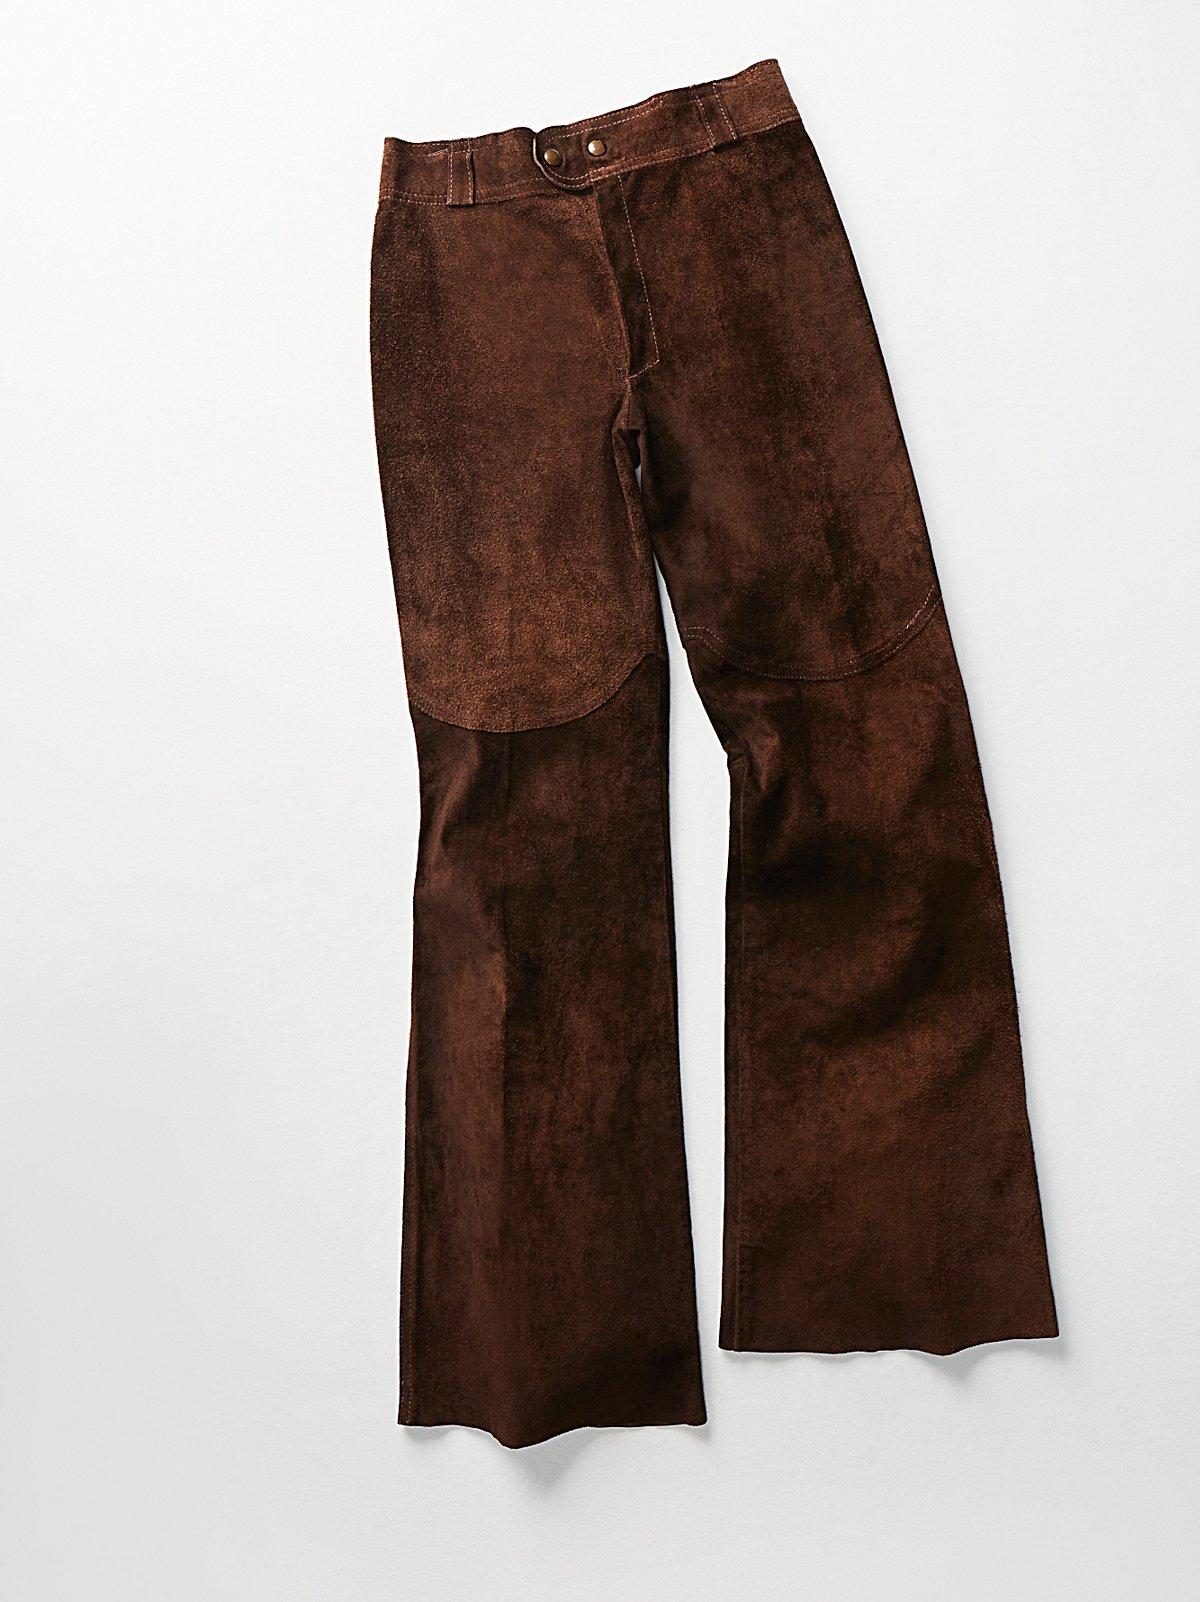 Vintage 1970s Rough Out Suede Pants